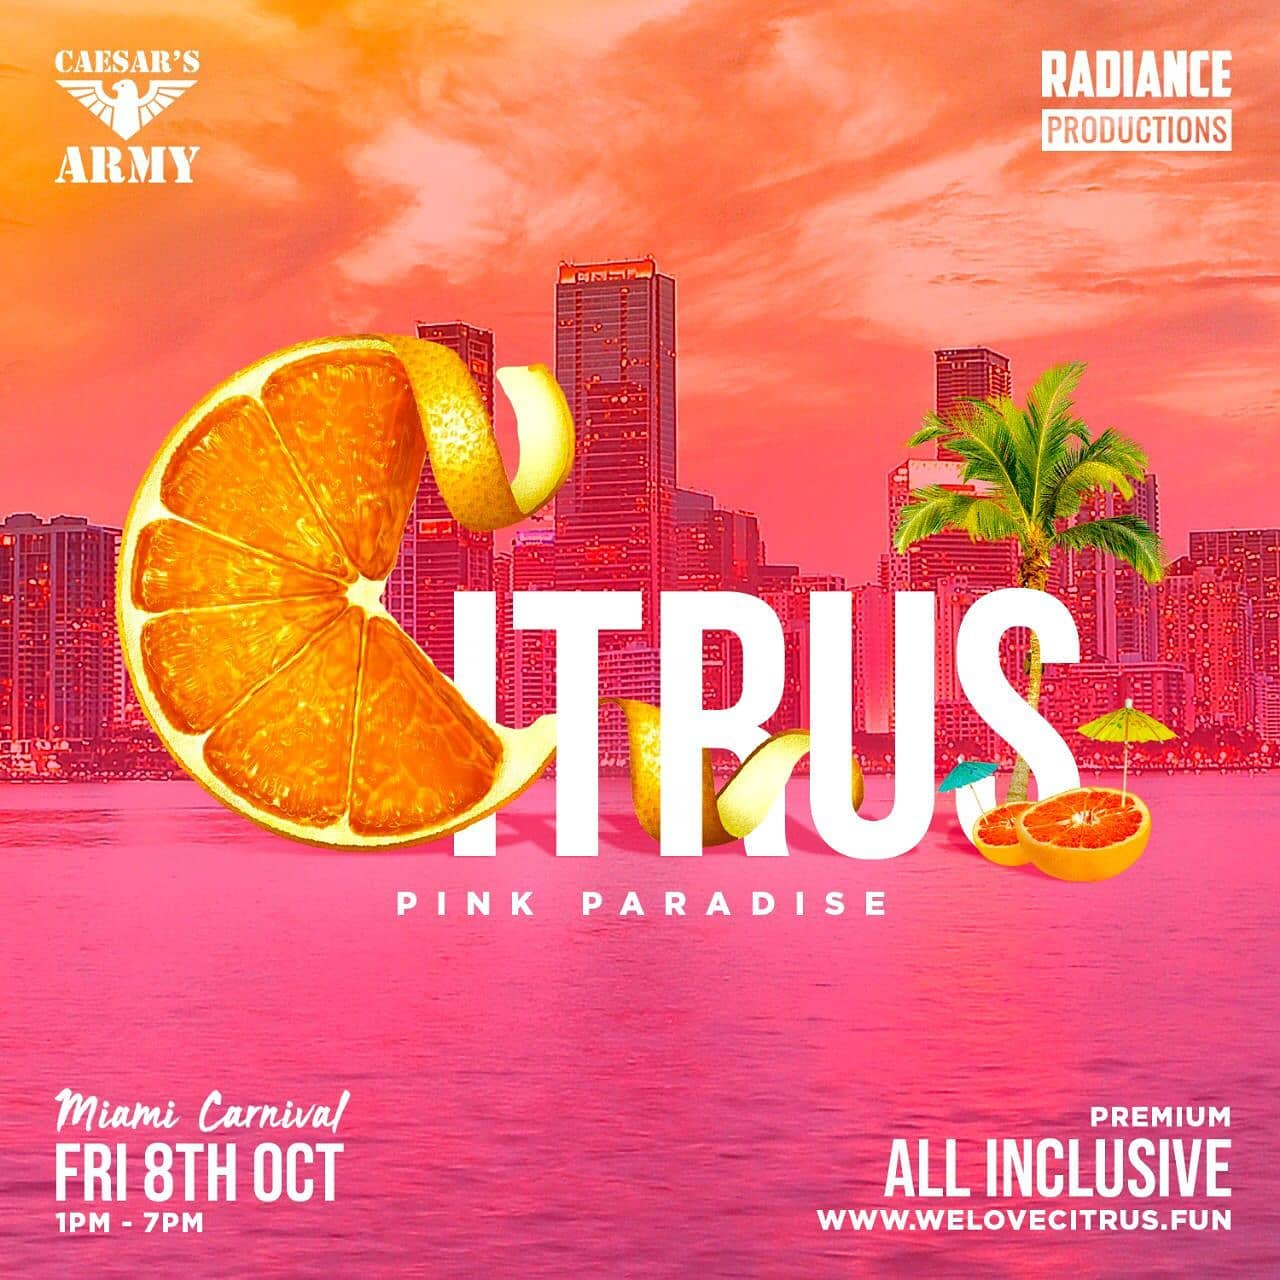 Citrus Miami Carnival 2021